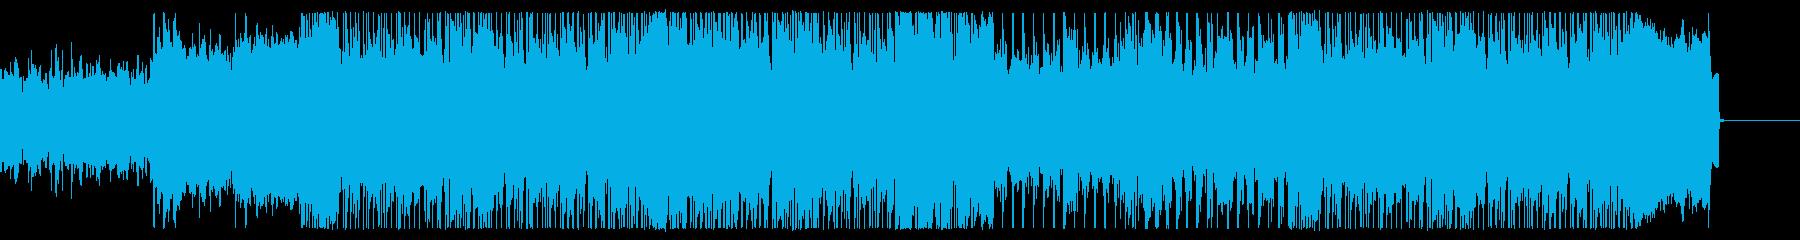 裏社会をイメージしたハードロックの再生済みの波形